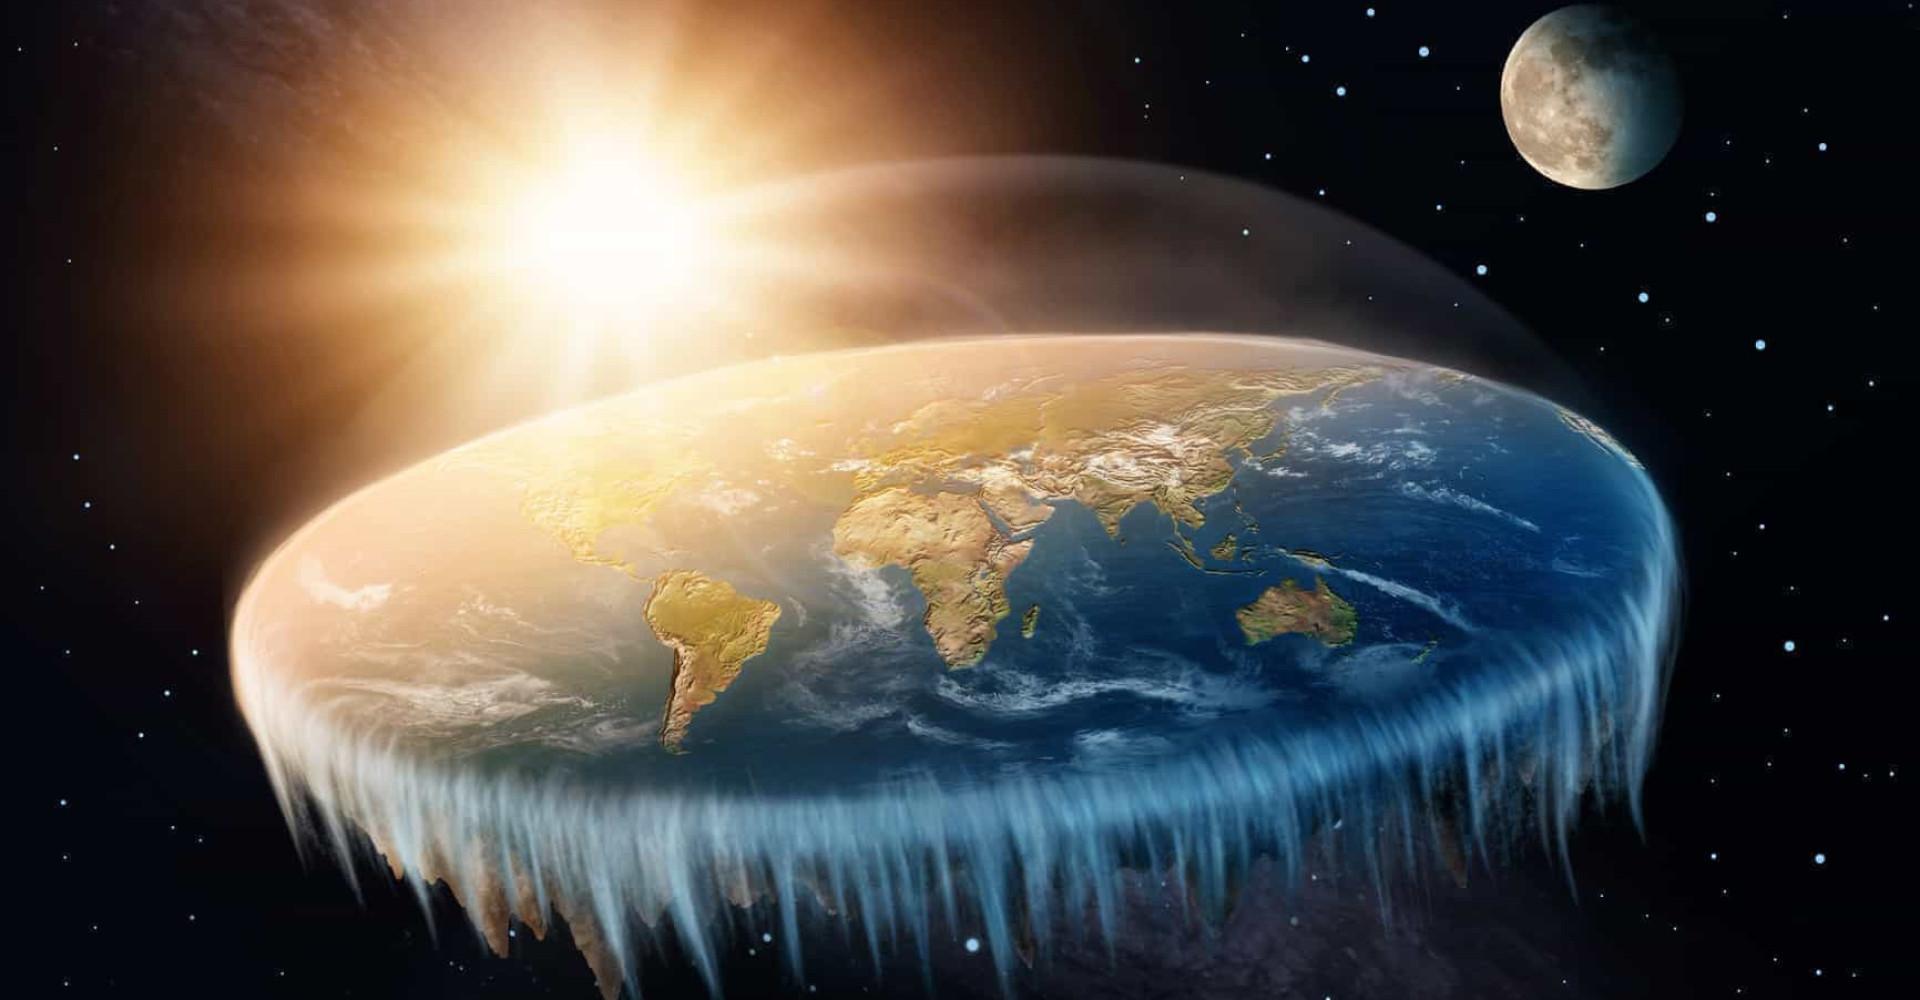 ¿Qué ocurriría si la Tierra fuese plana?